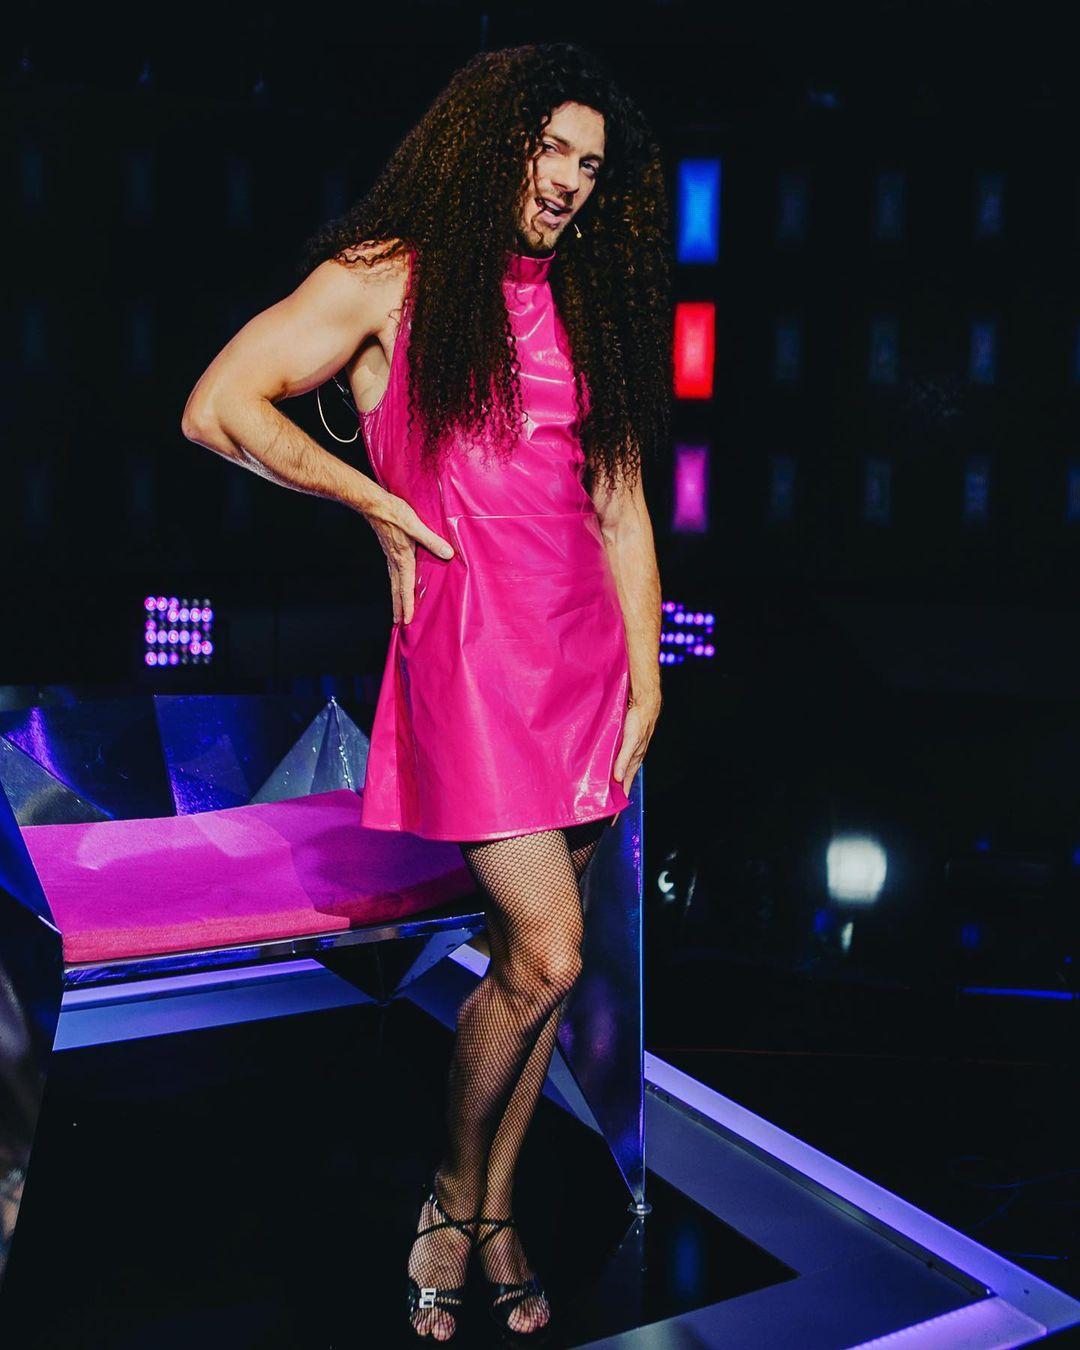 И снова эта милашка: Влад Яма в розовом платье и с длинными темными волосами шокировал поклонников